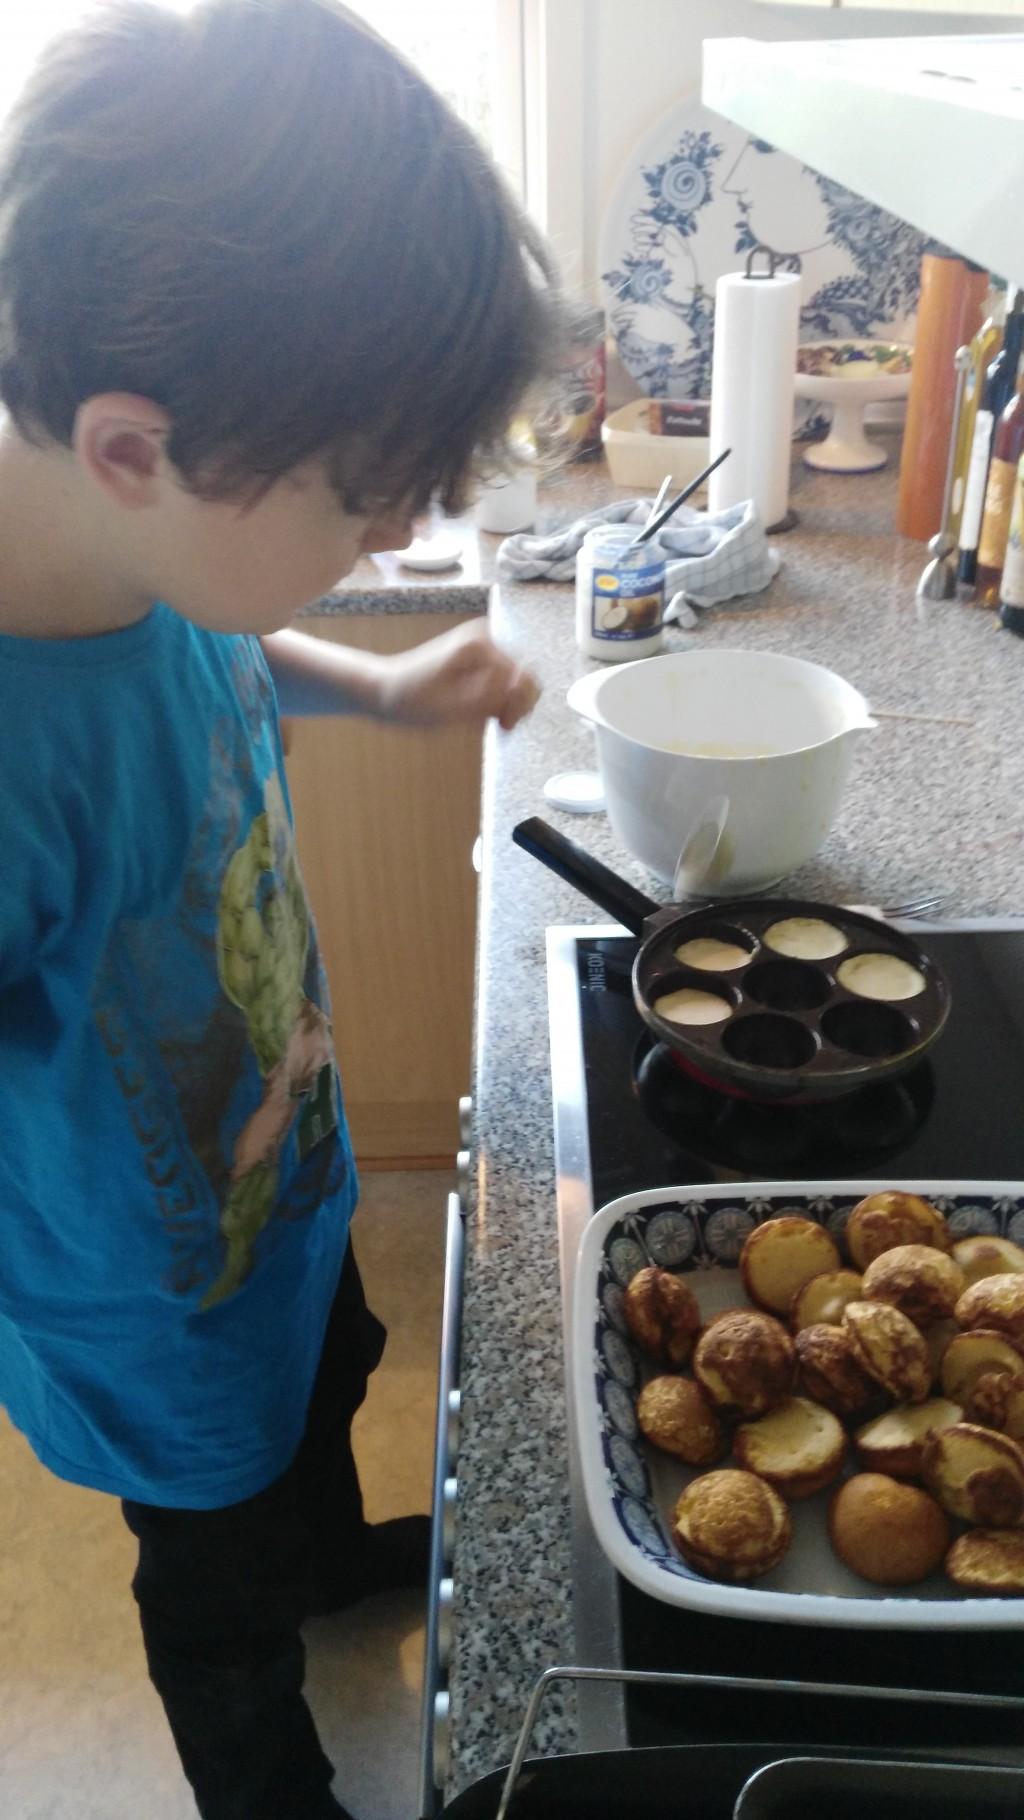 Martin laver æbleskiver og bager småkager - 01